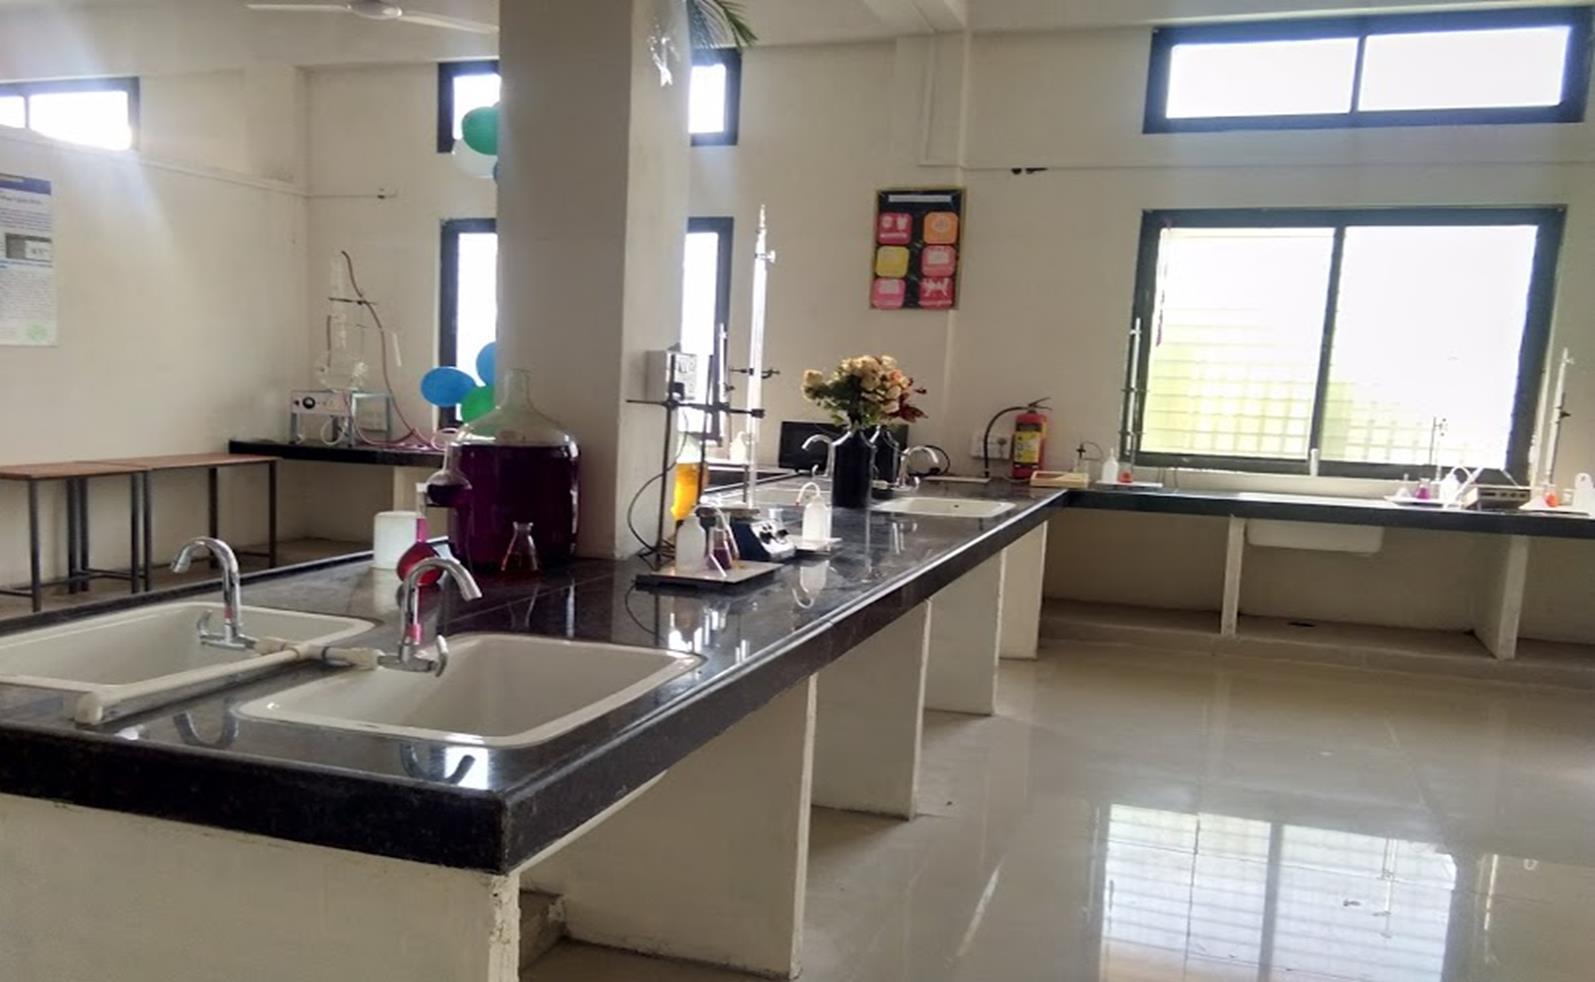 साइंस कॉलेज की लैब की भी साफ-सफाई की गई। - Dainik Bhaskar